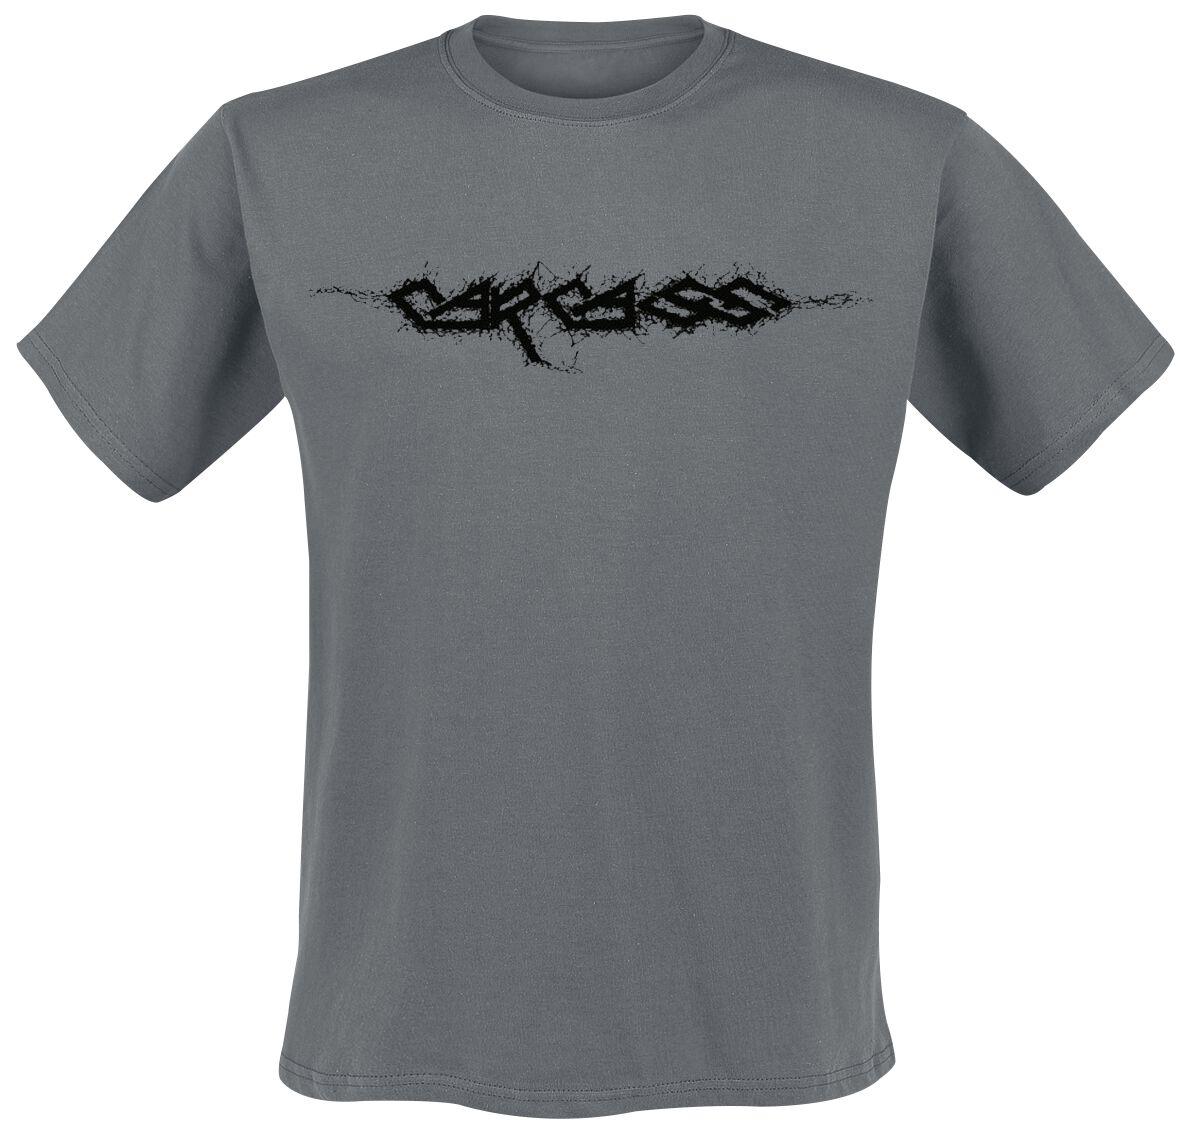 Zespoły - Koszulki - T-Shirt Carcass Logo T-Shirt ciemnoszary - 374813